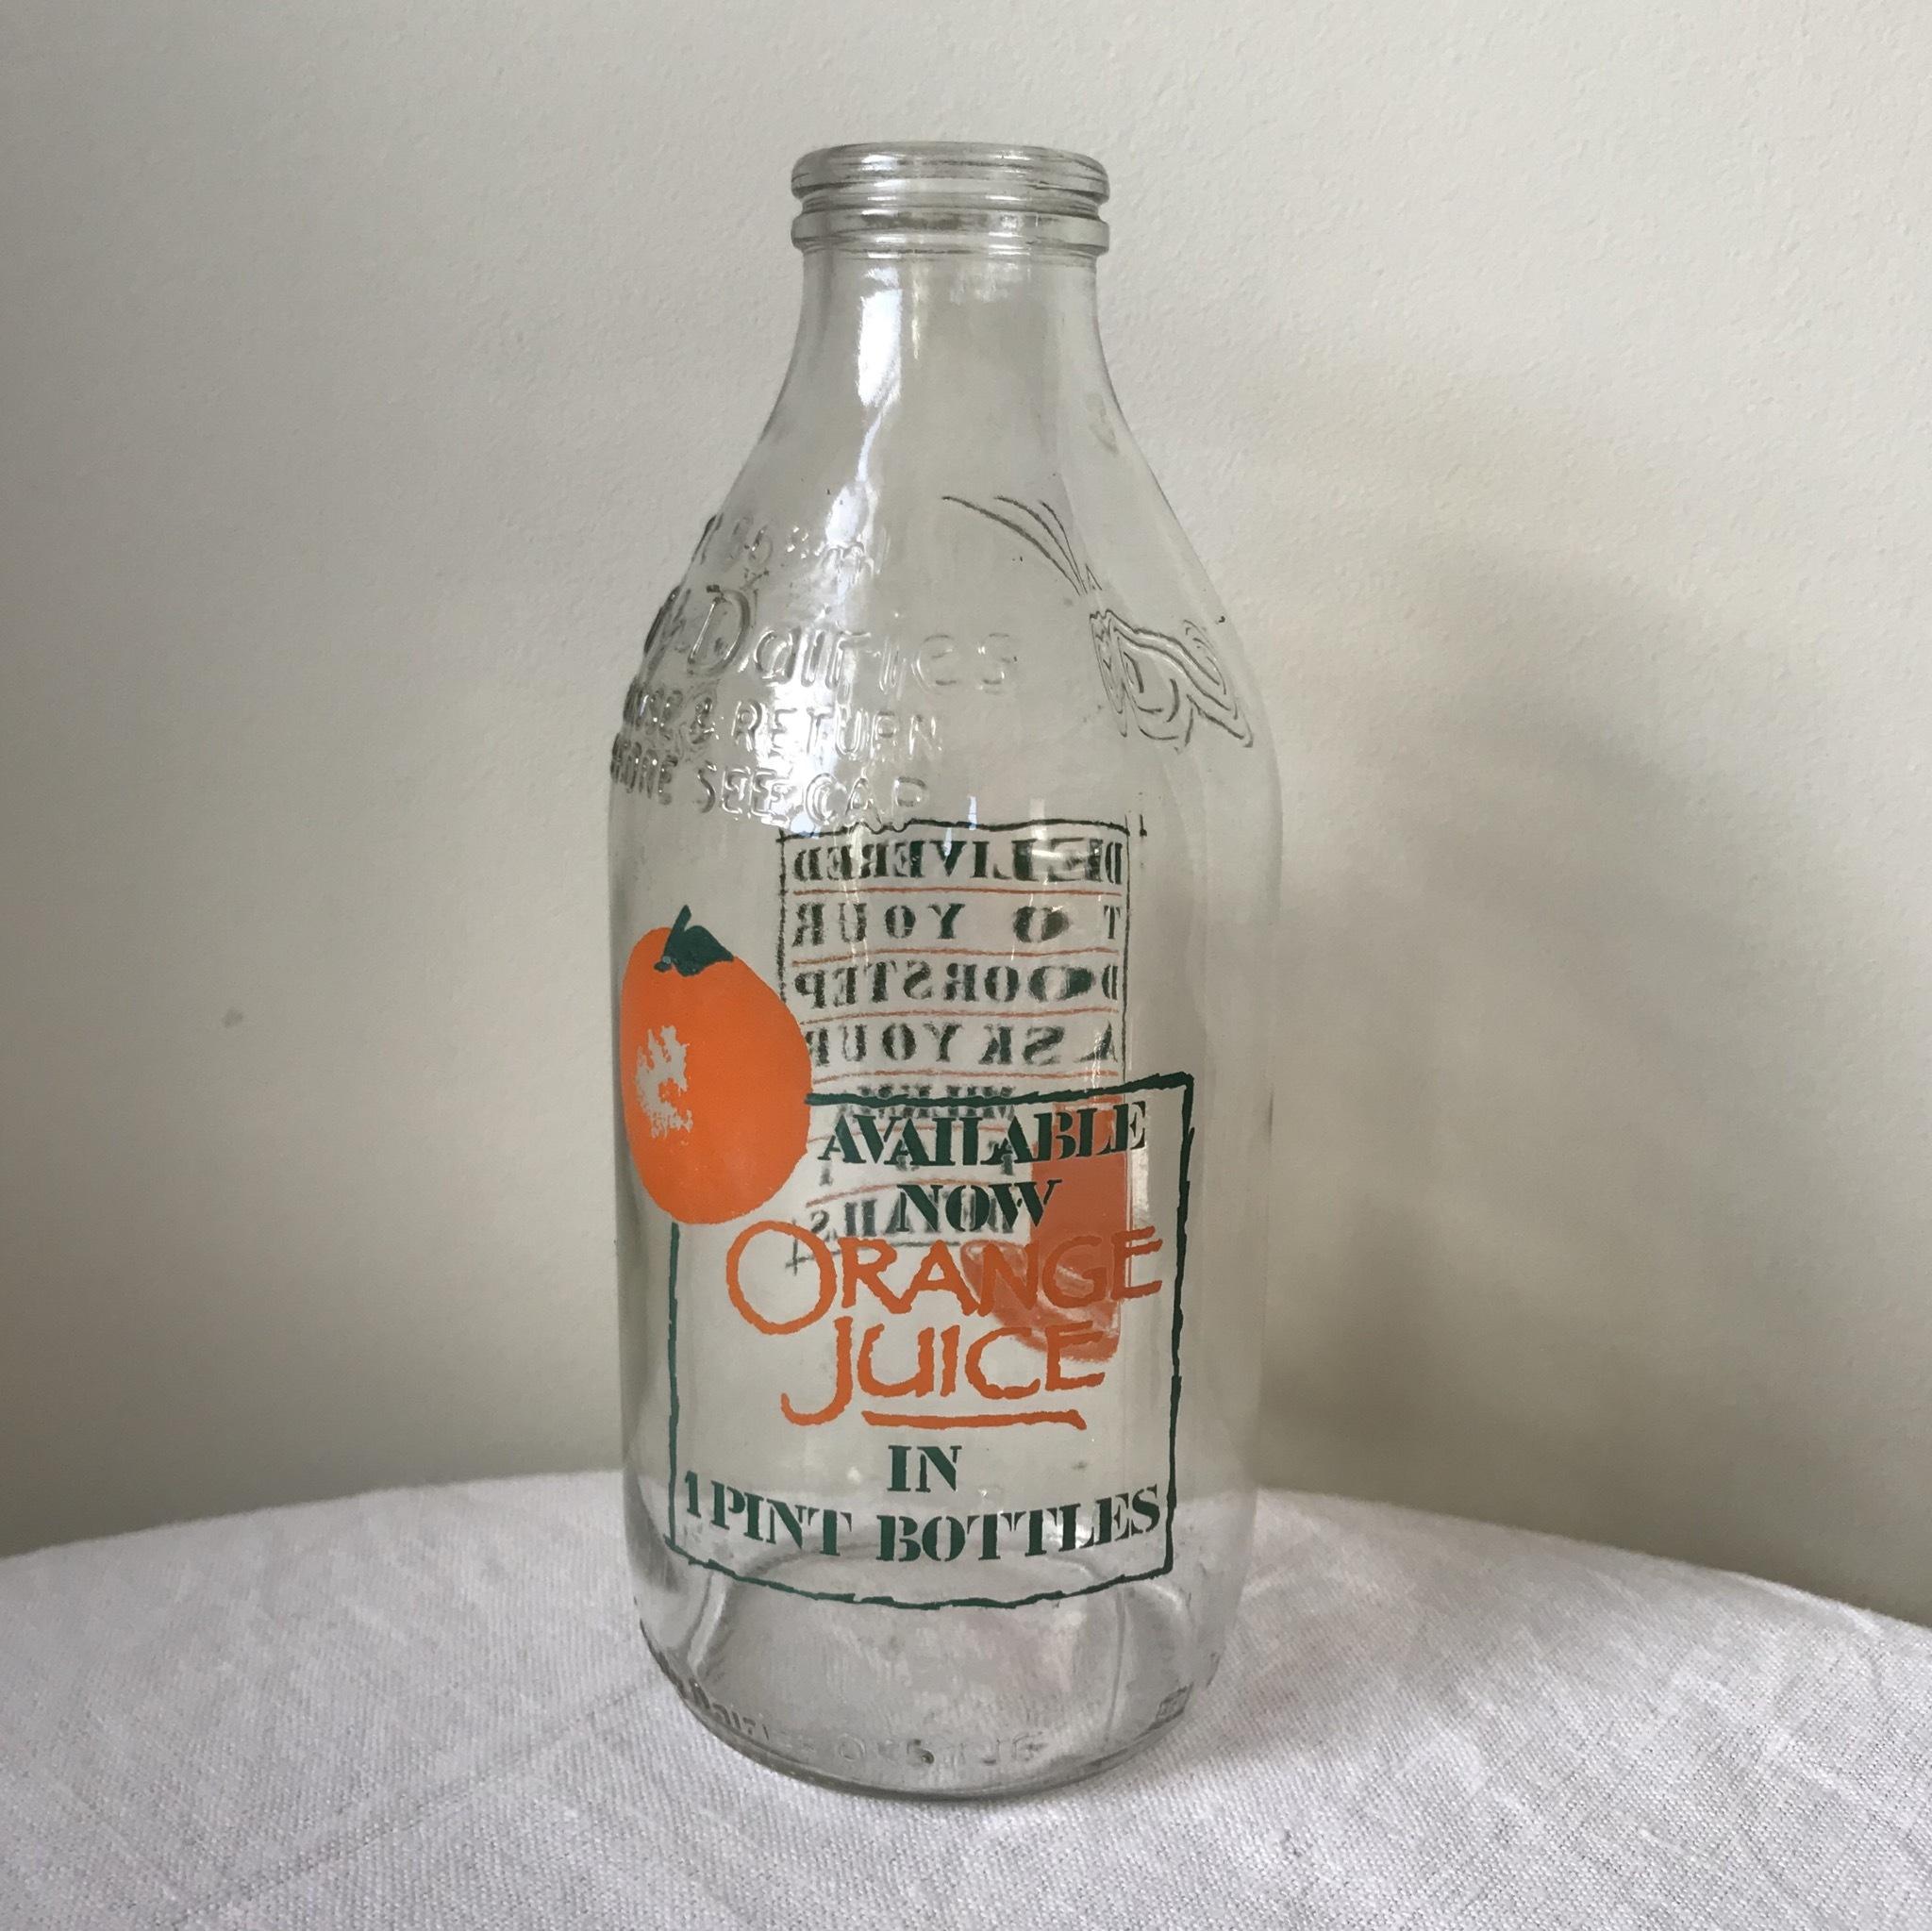 牛乳瓶 - オレンジジュース広告